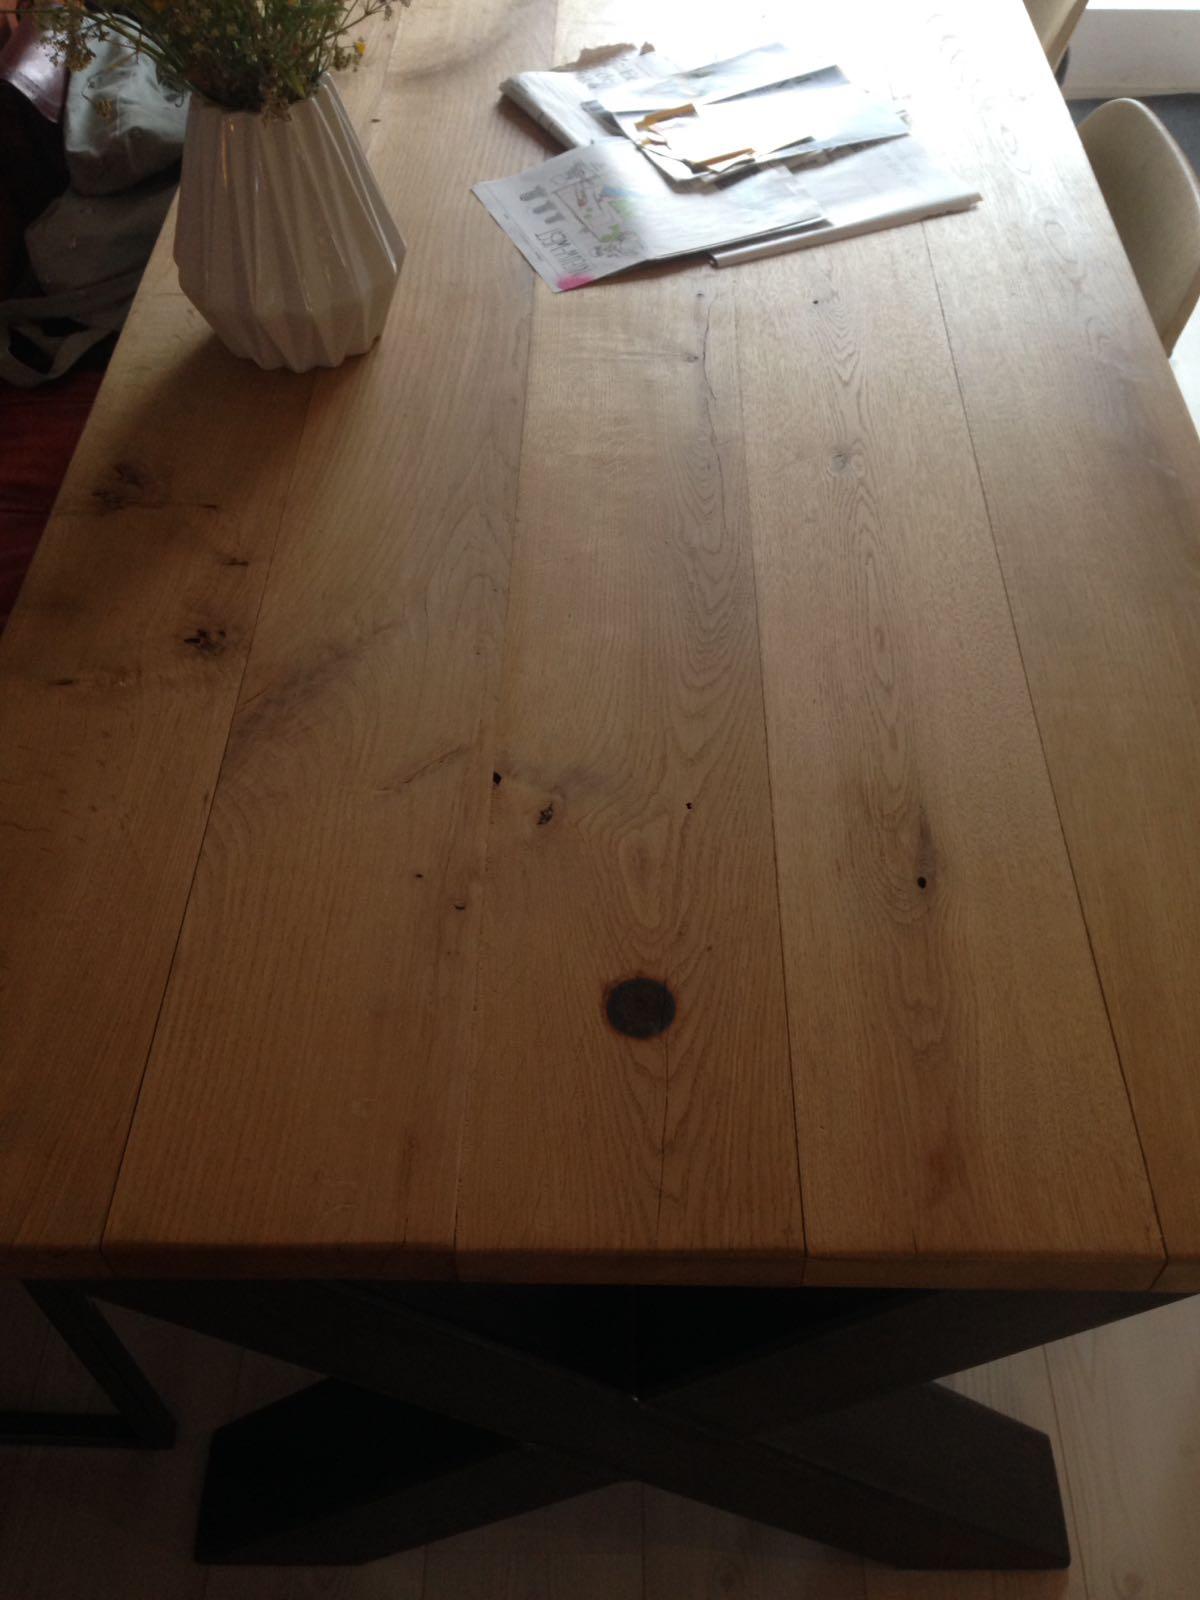 Eikenhouten tafelblad schuren en evt lakken werkspot for Tafel schuren en olien